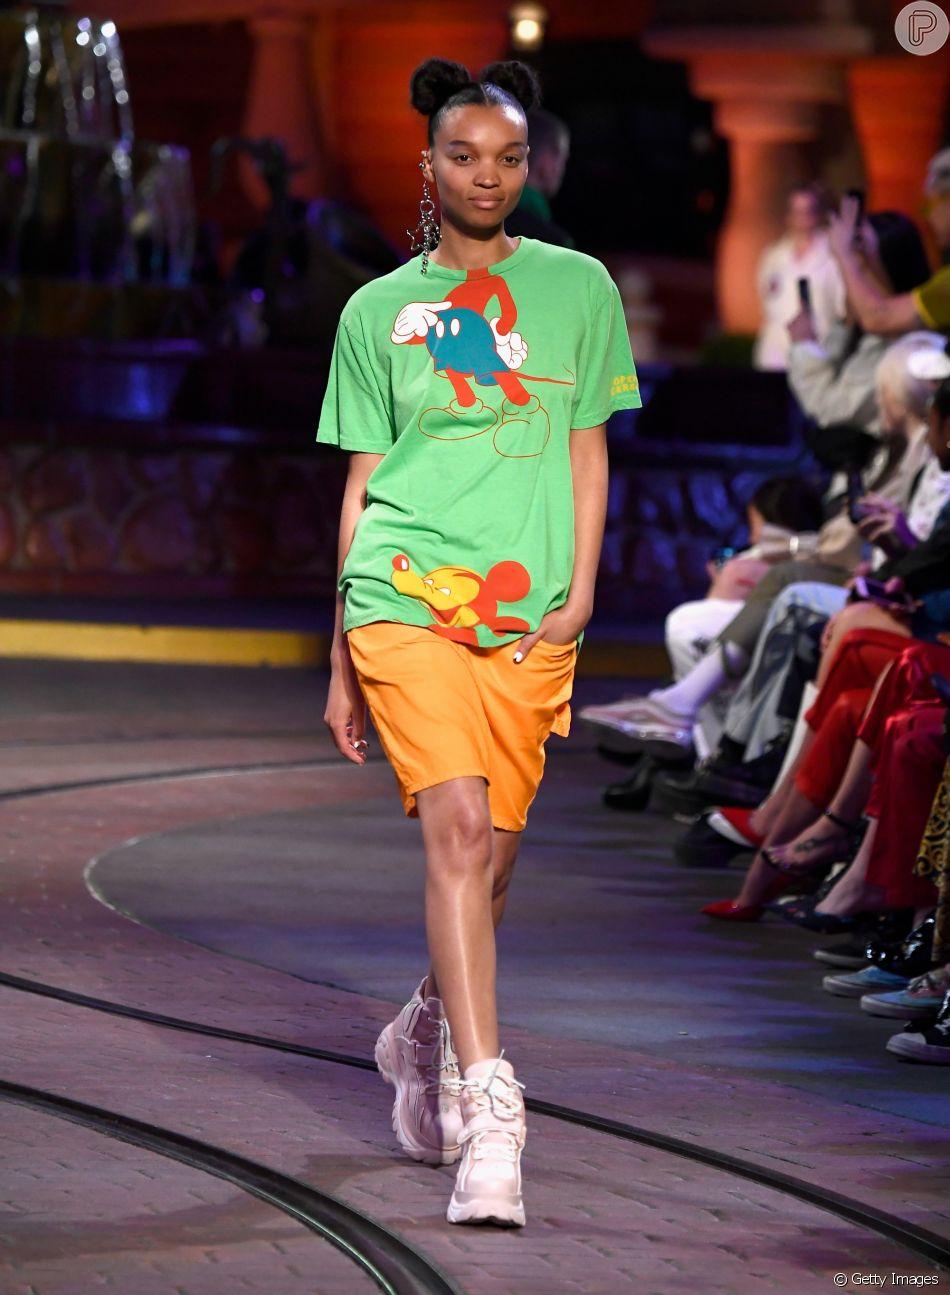 Modelo usa coquinhos altos em campanha de 90 anos do personagem Mickey